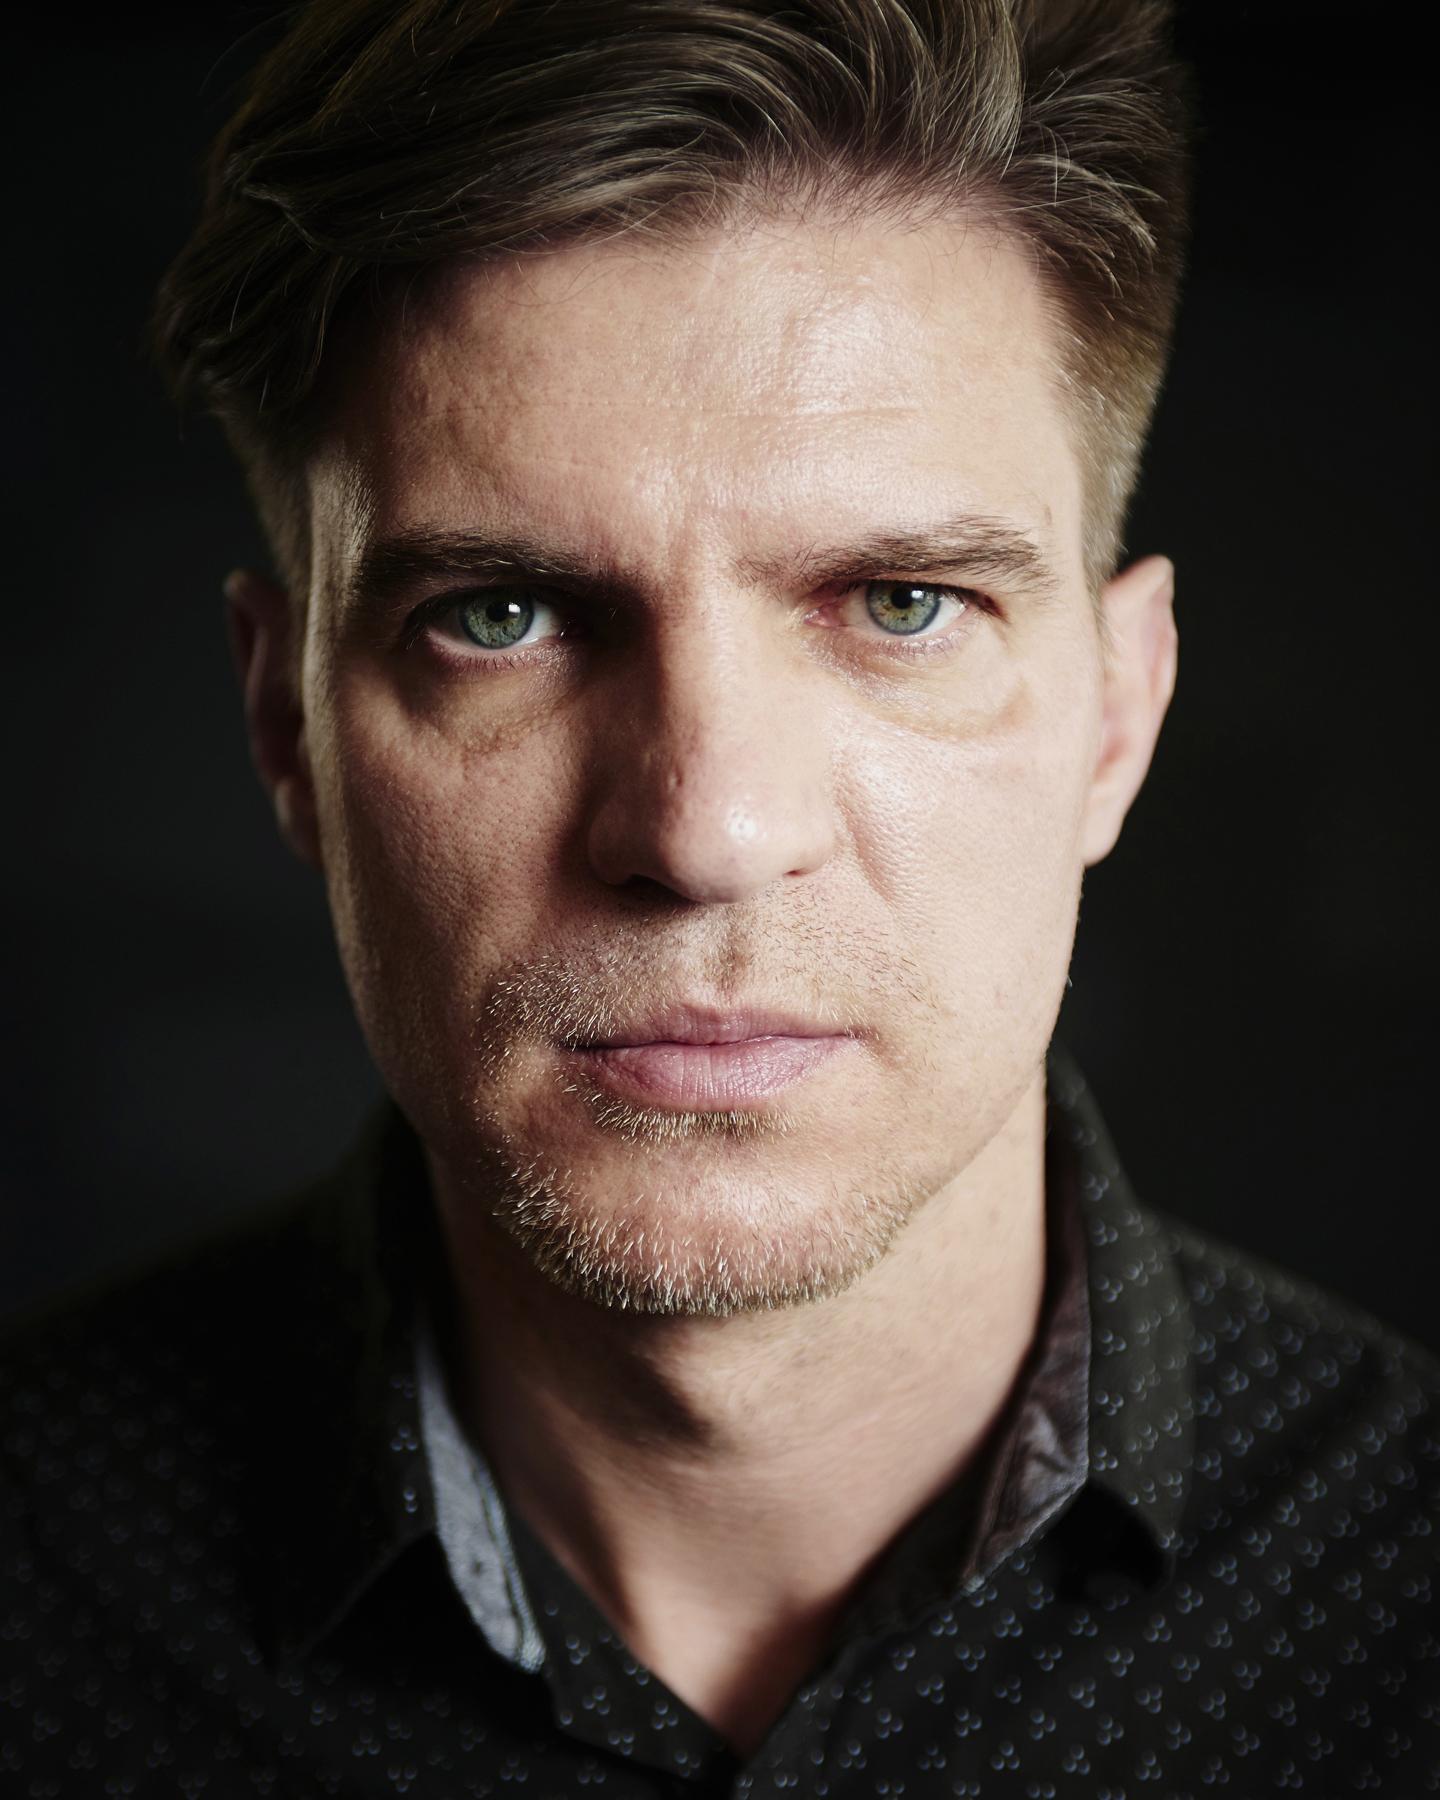 Paul radu, bucuresti, bucarest ro activ 2016